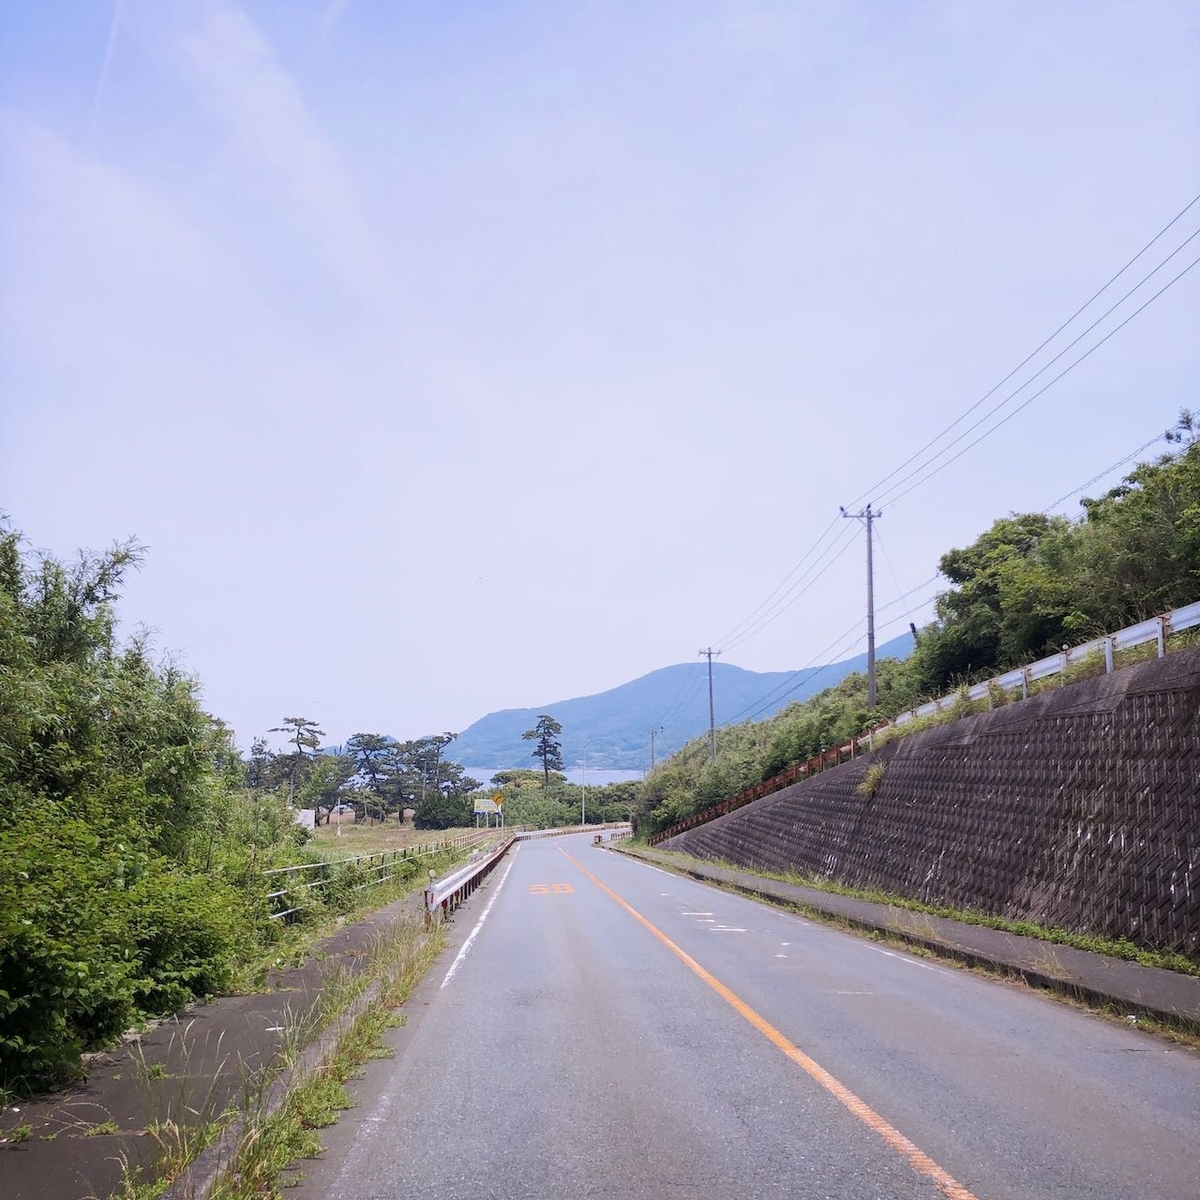 f:id:mick_kamihara:20210608112948j:plain